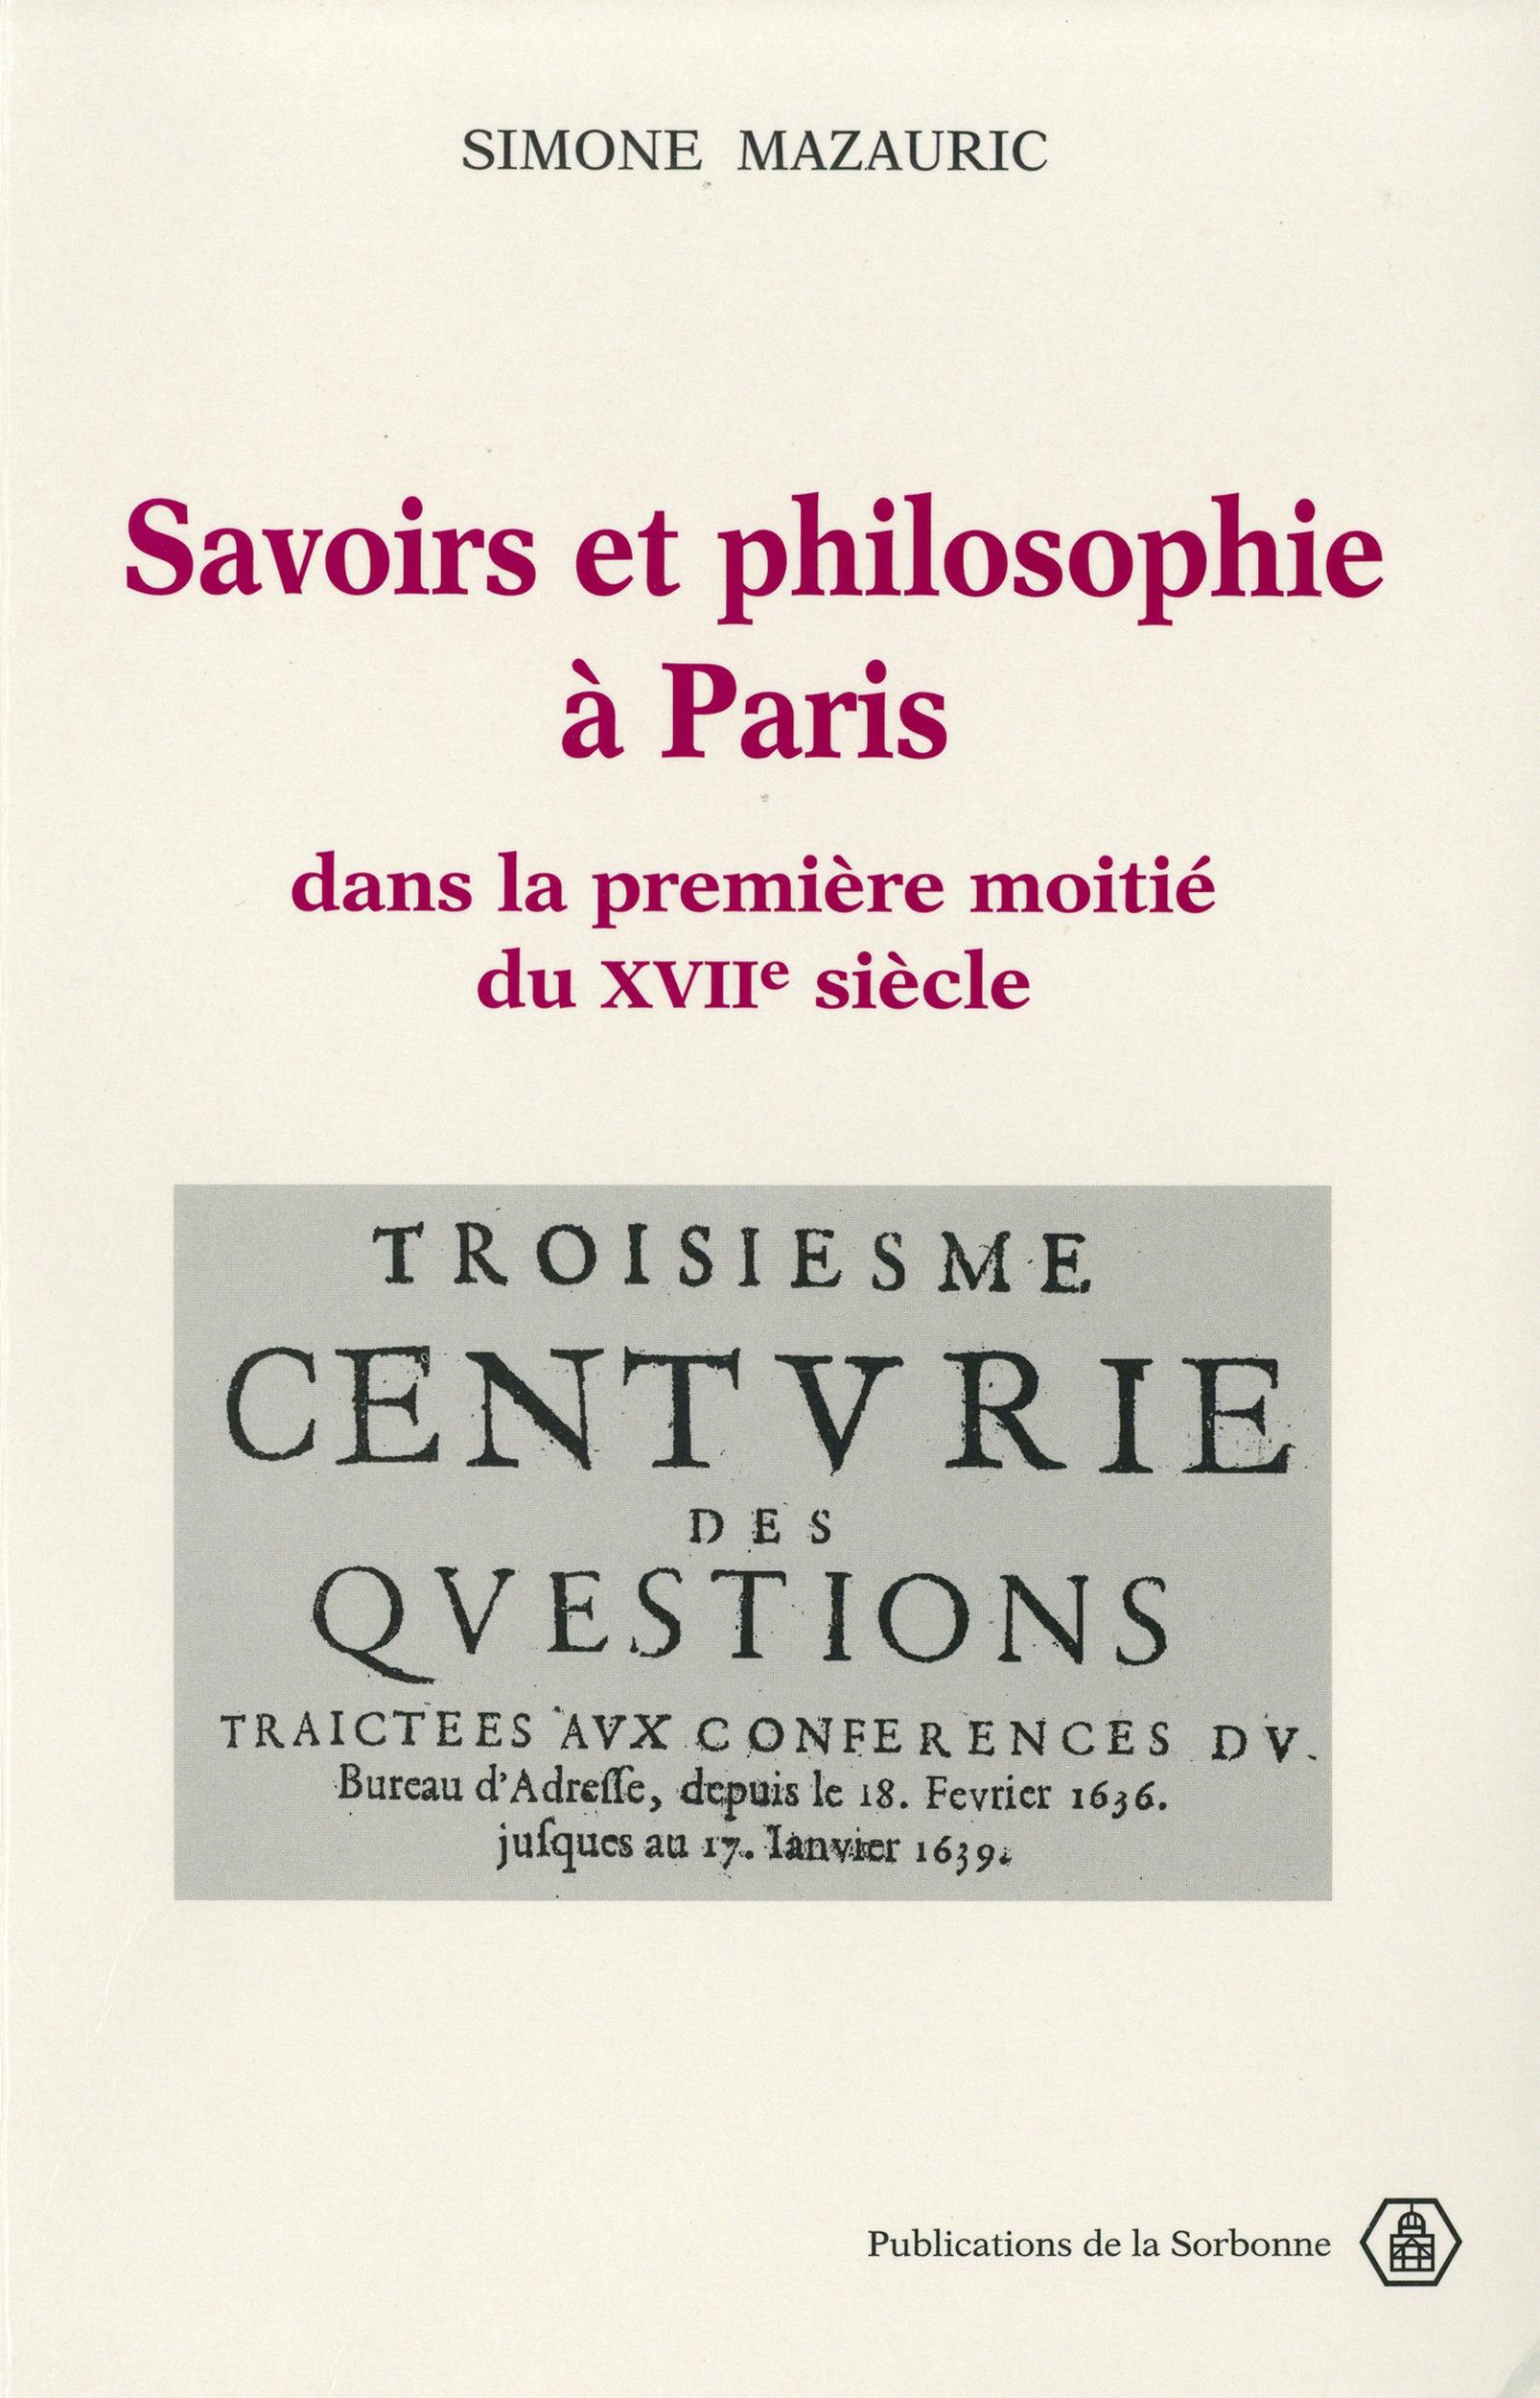 Savoirs et philosophie a paris dans la premiere moitie du xviie siecl e. les conferences du bureau d